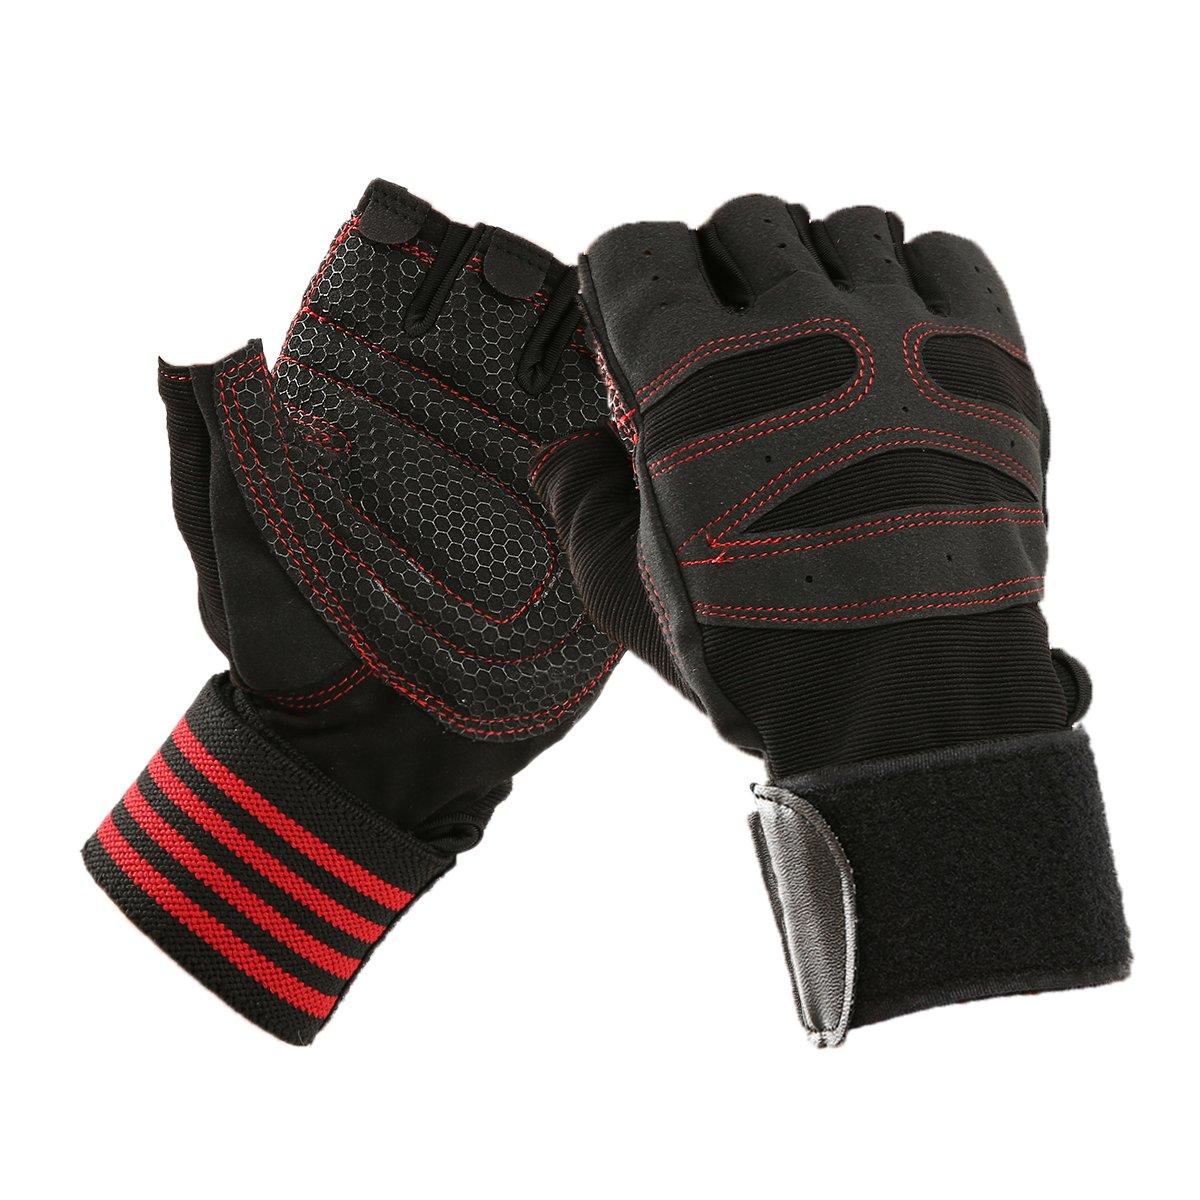 Slimerence sport, traspiranti guanti mezze dita fitness con cinturino supporto regolabile per allenamento bodybuilding powerlifting, per donna e uomo